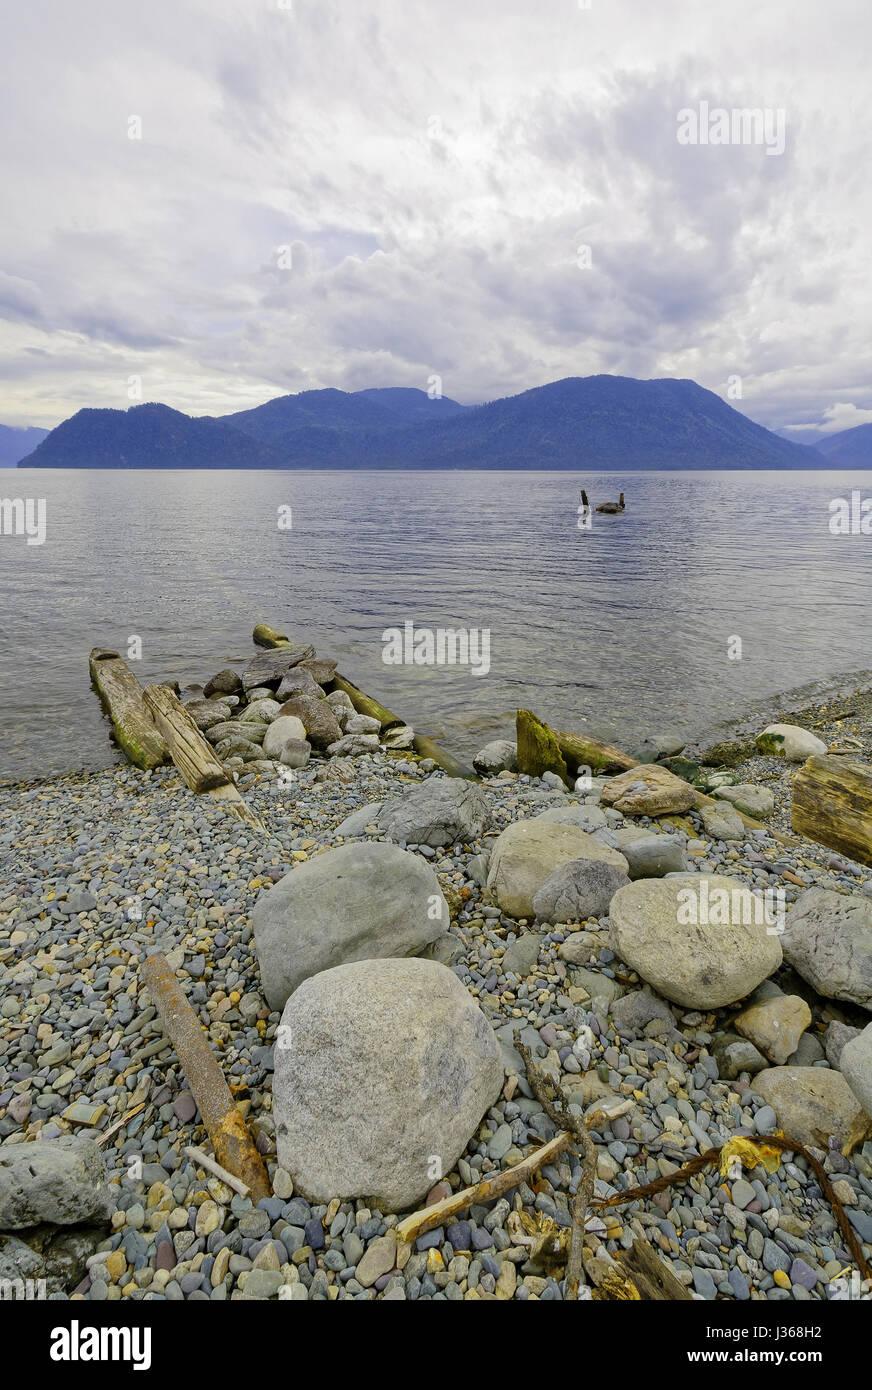 Siberia, verano. El lago Teletskoye viejo muelle destruido Foto de stock